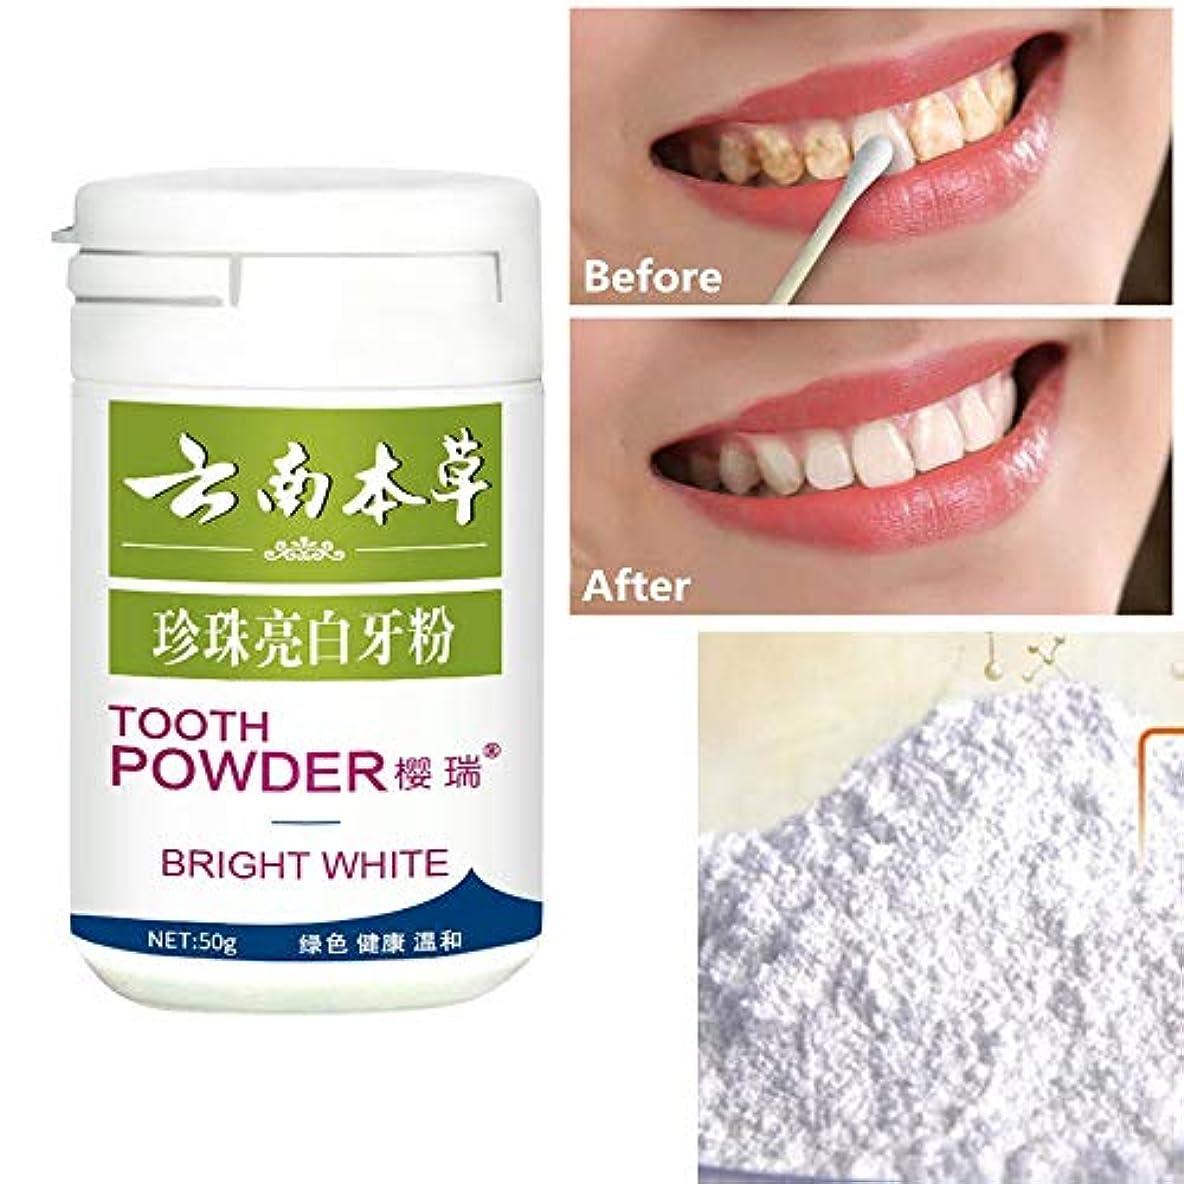 犯罪中止します一見50gホワイトニング歯のケア口臭を除去するプラーク歯磨き粉粉末をきれいにする歯の歯石の歯石除去の汚れ